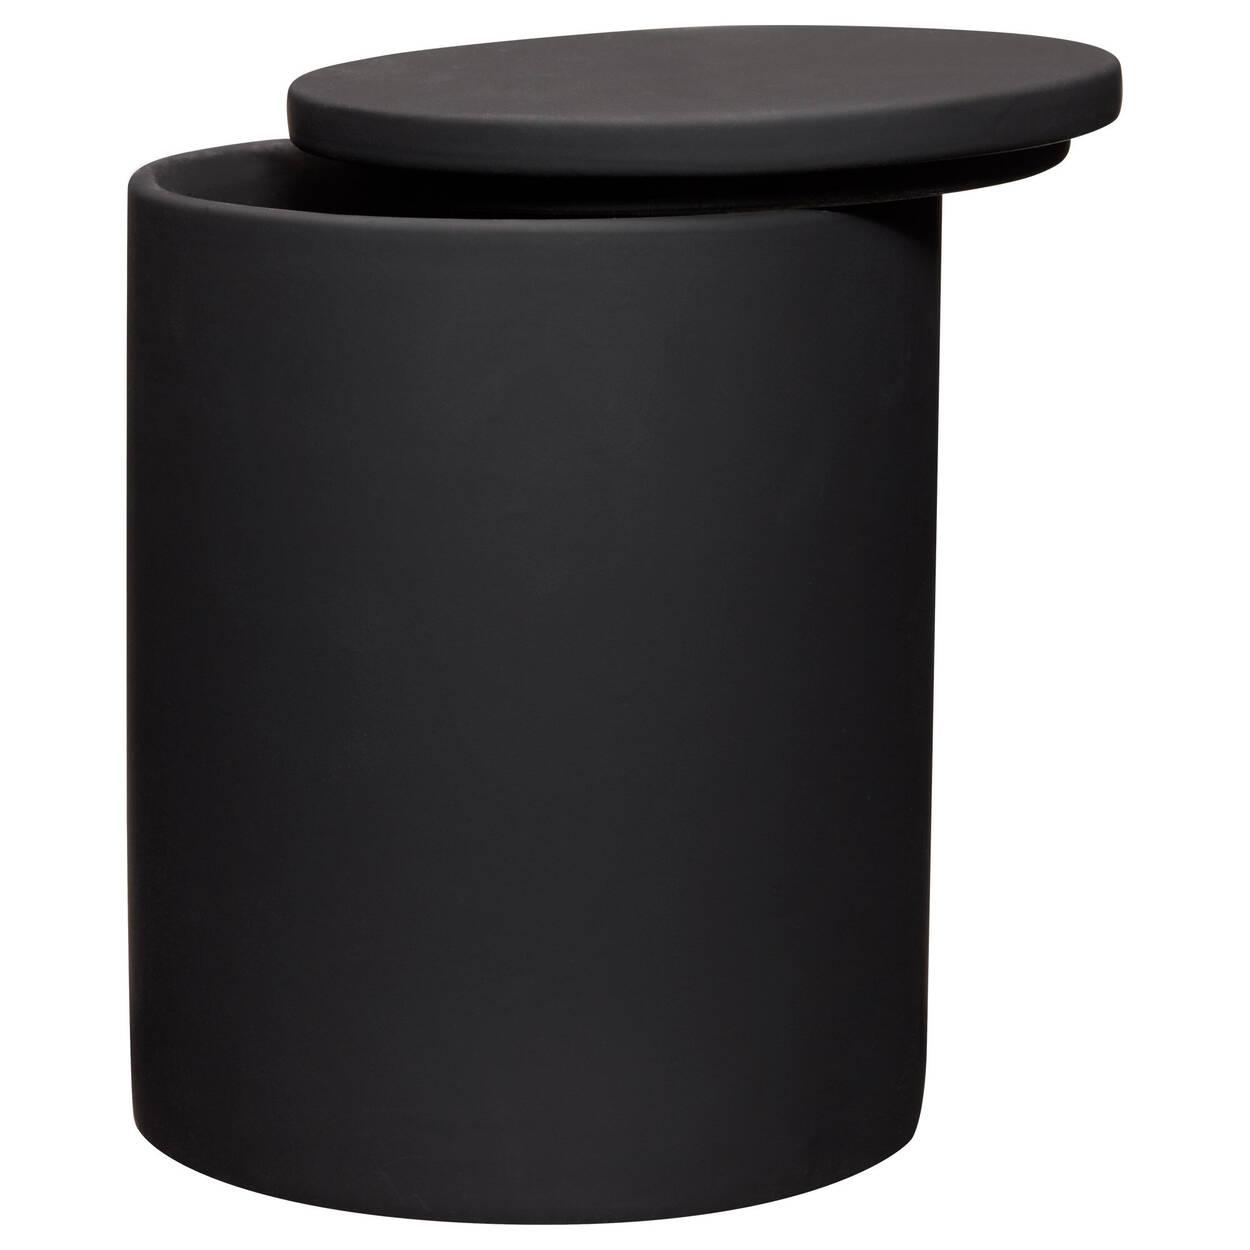 Pot décoratif avec fini en caoutchouc